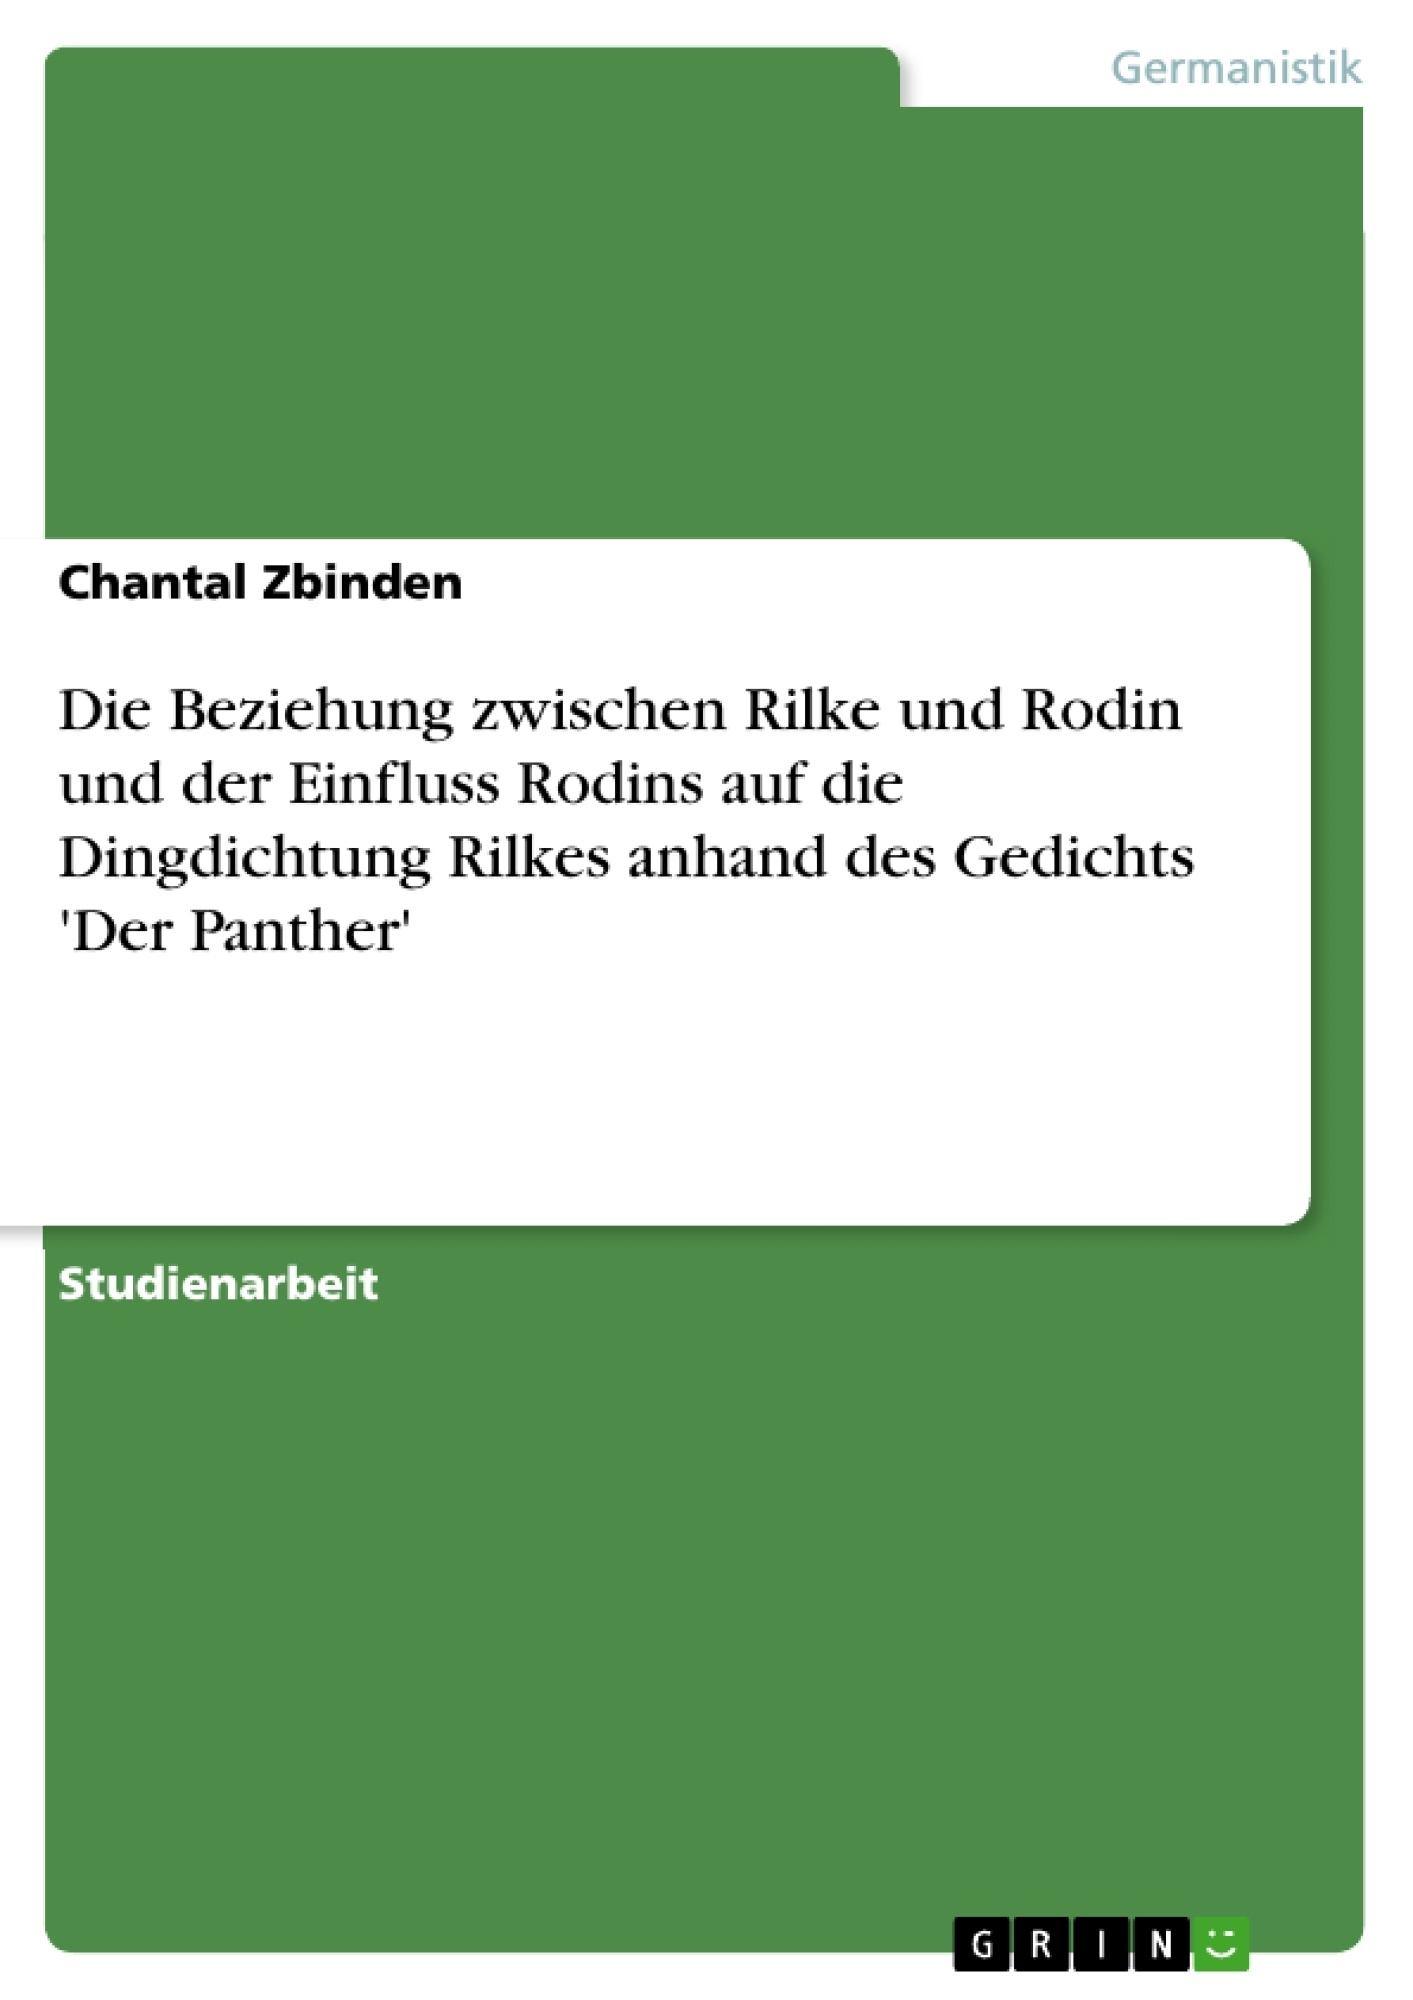 Titel: Die Beziehung zwischen Rilke und Rodin und der Einfluss Rodins auf die Dingdichtung Rilkes anhand des Gedichts 'Der Panther'